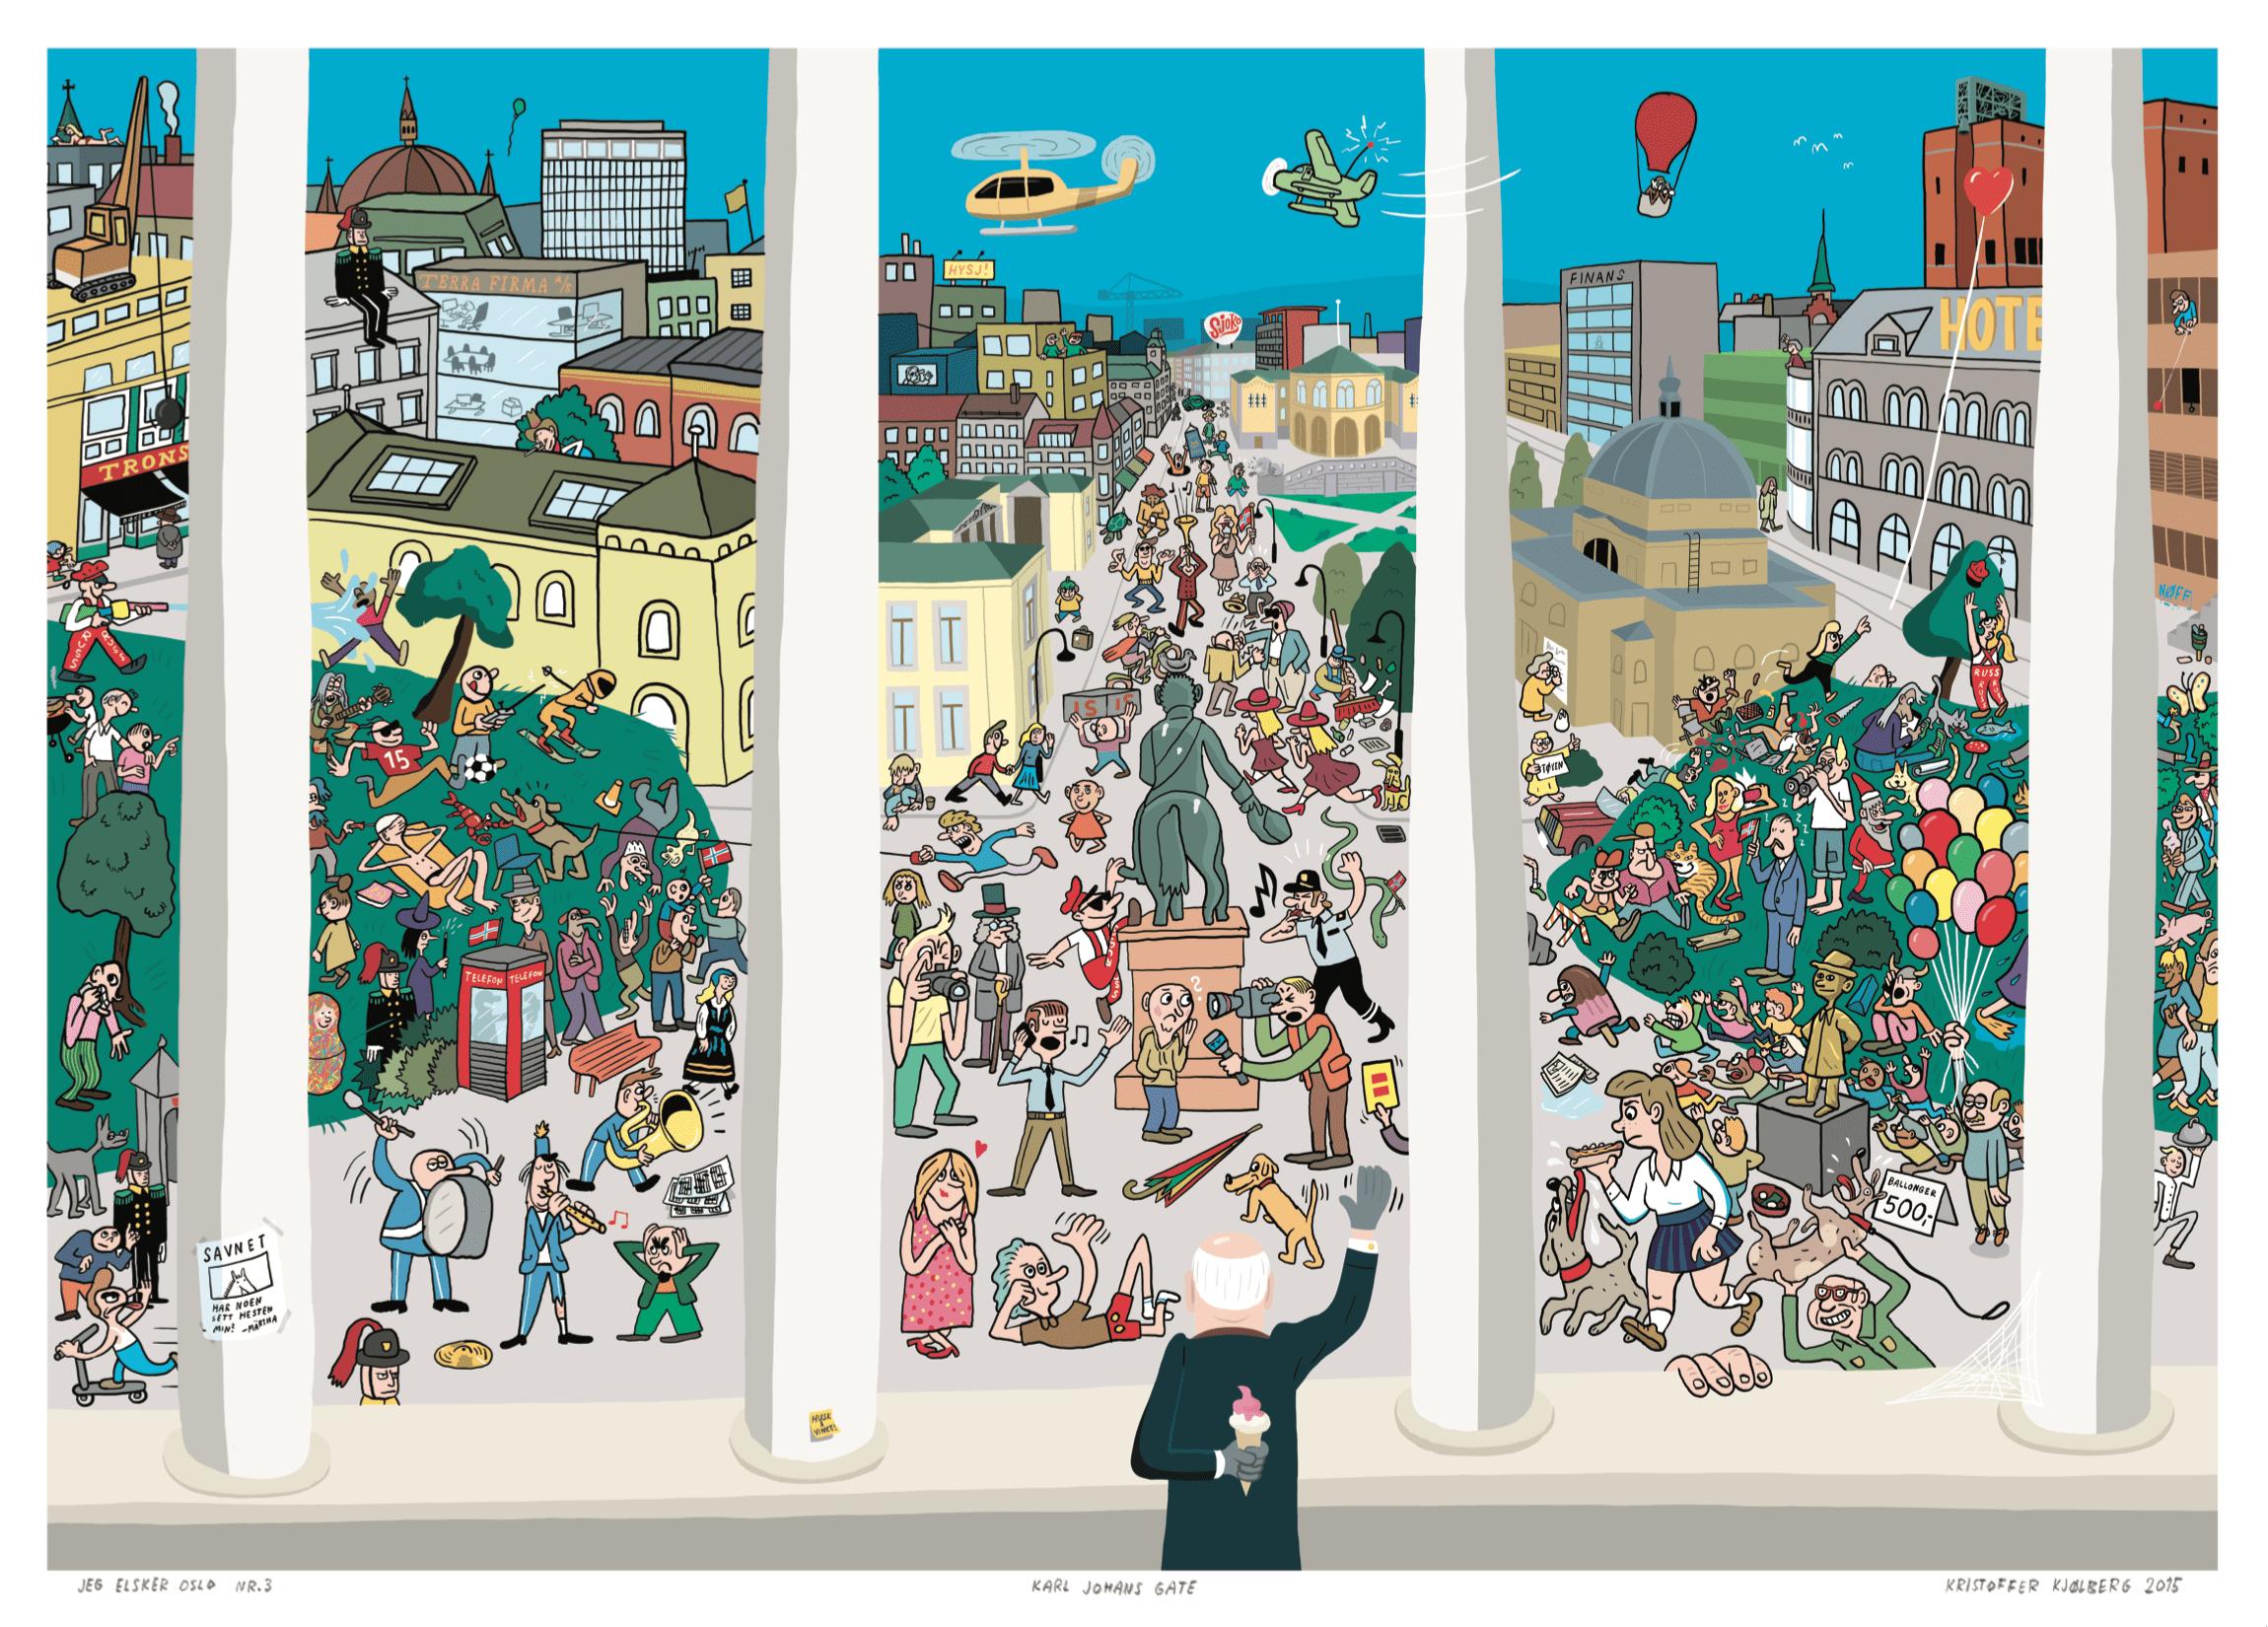 Detalj fra boka Jeg elsker Oslo, tegnet av Kristoffer Kjølberg.